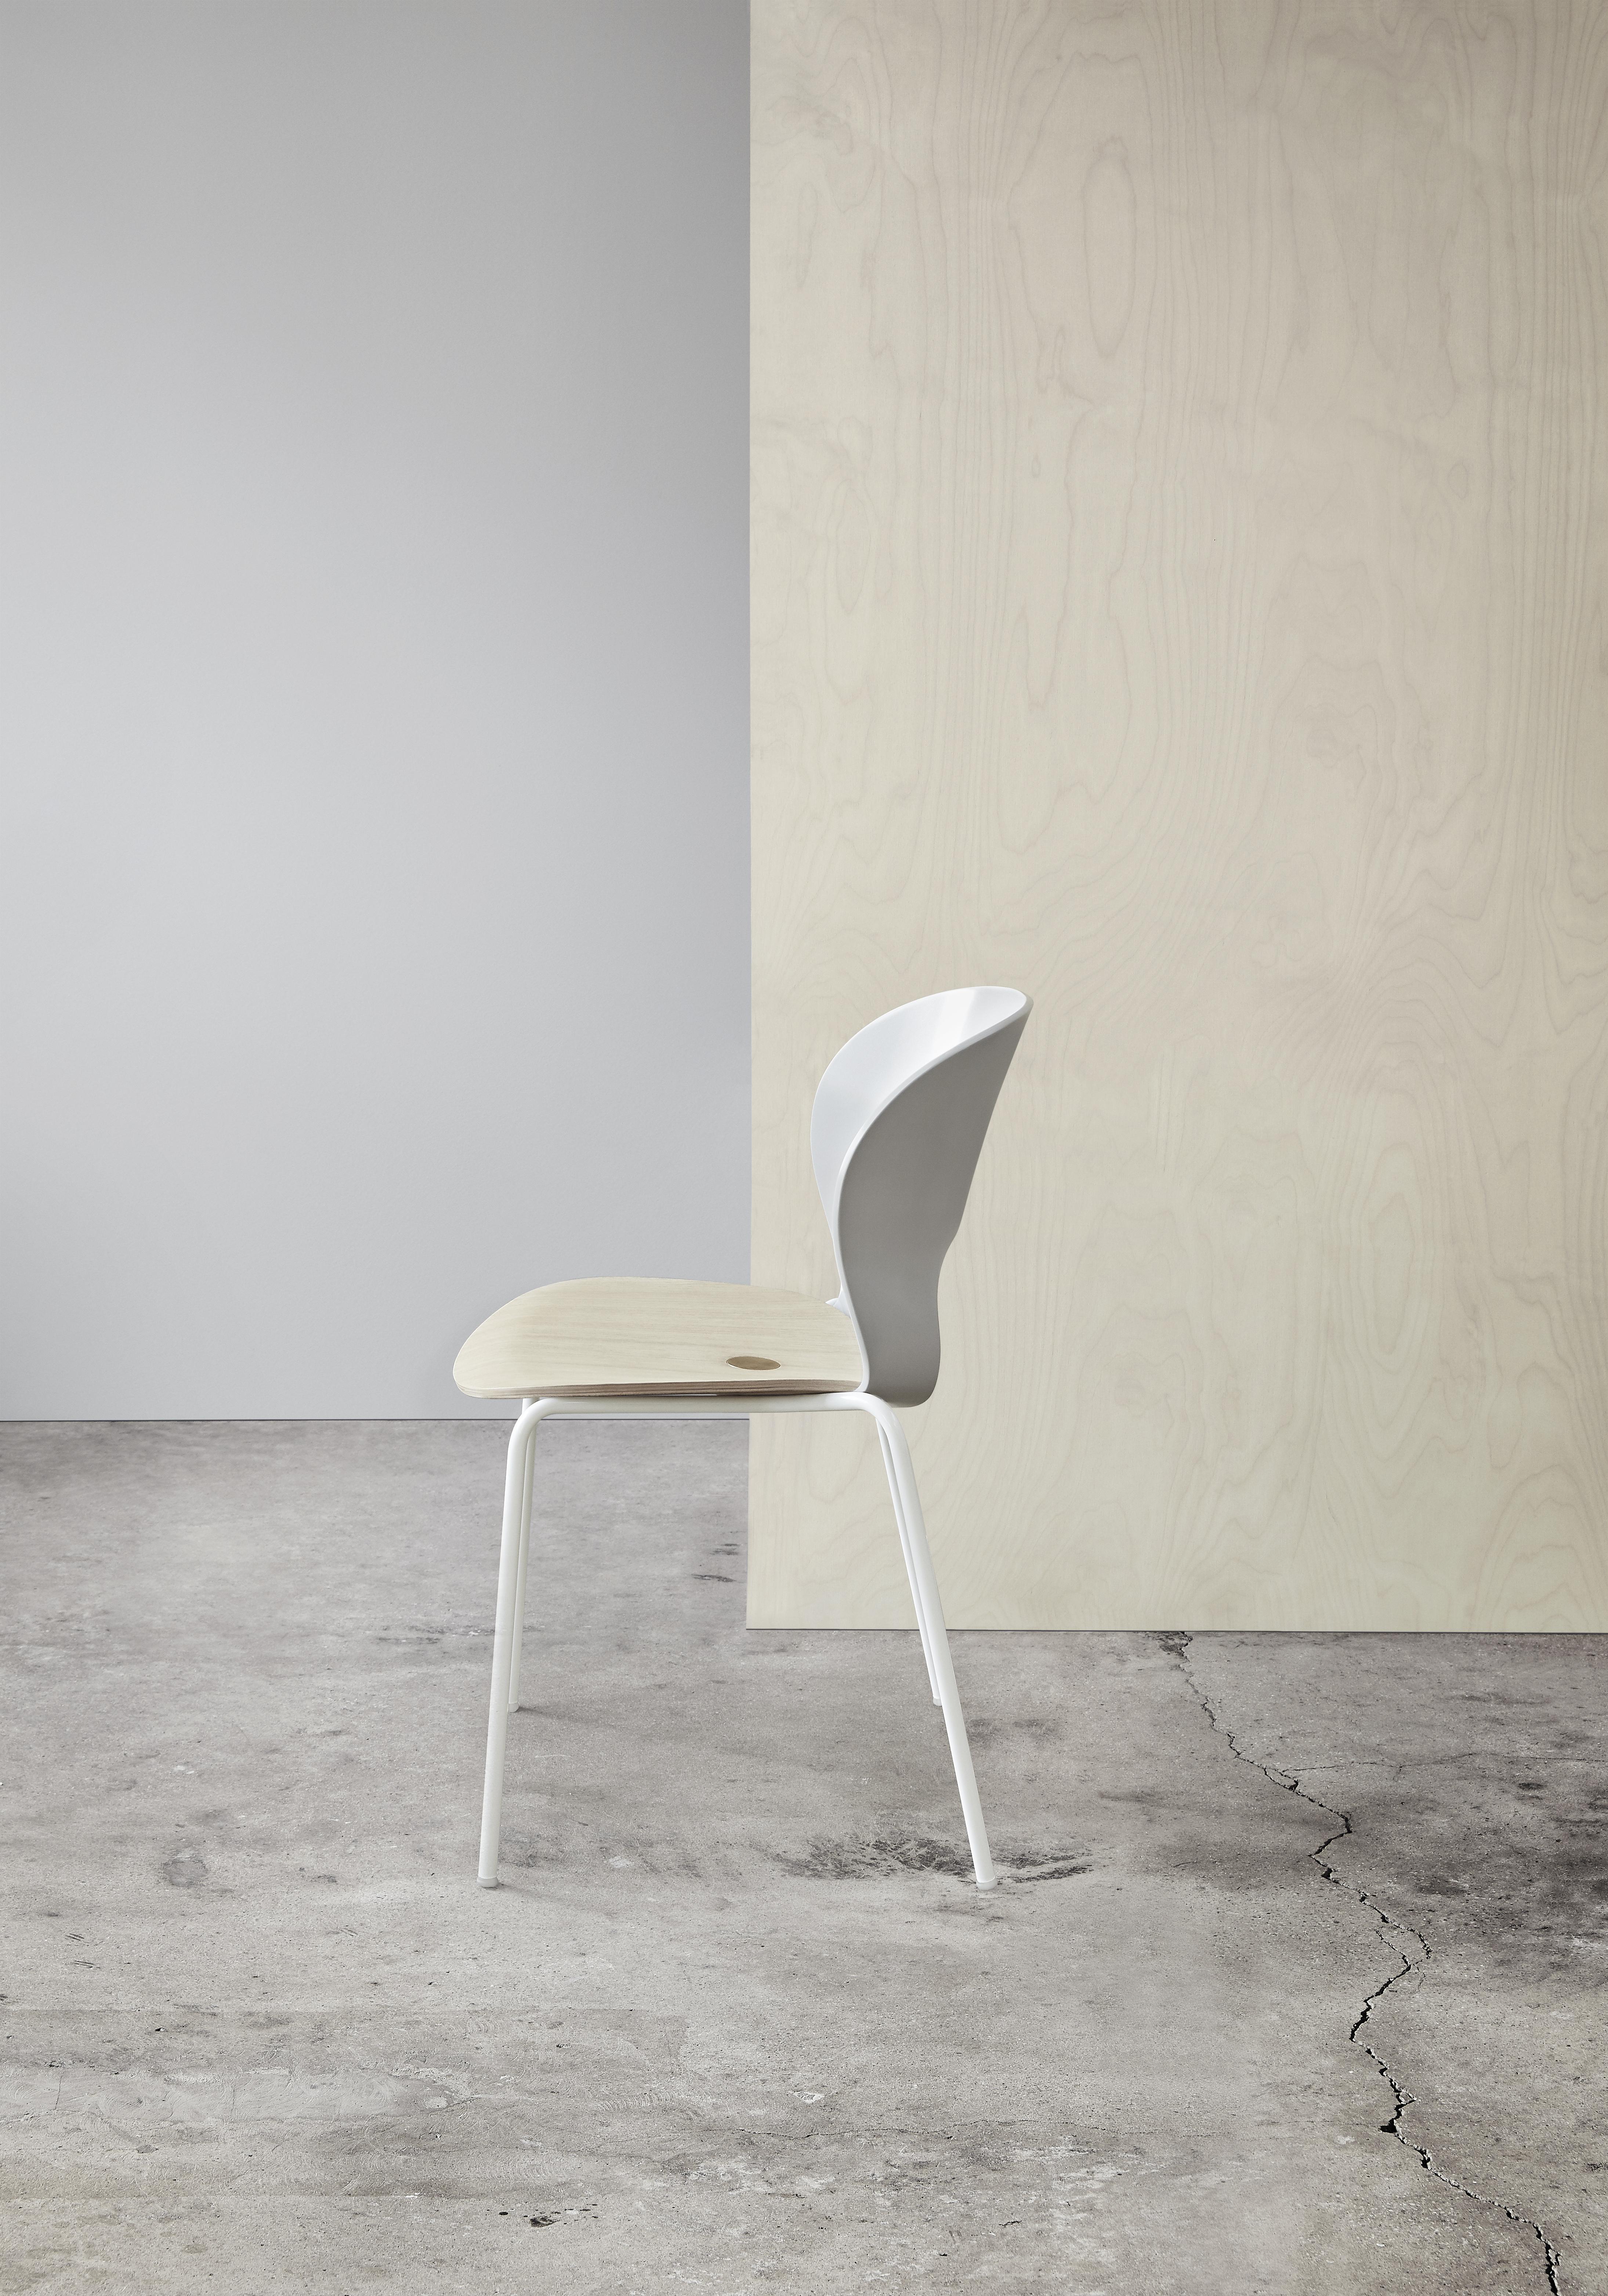 Magnus Olesen, Ø Chair